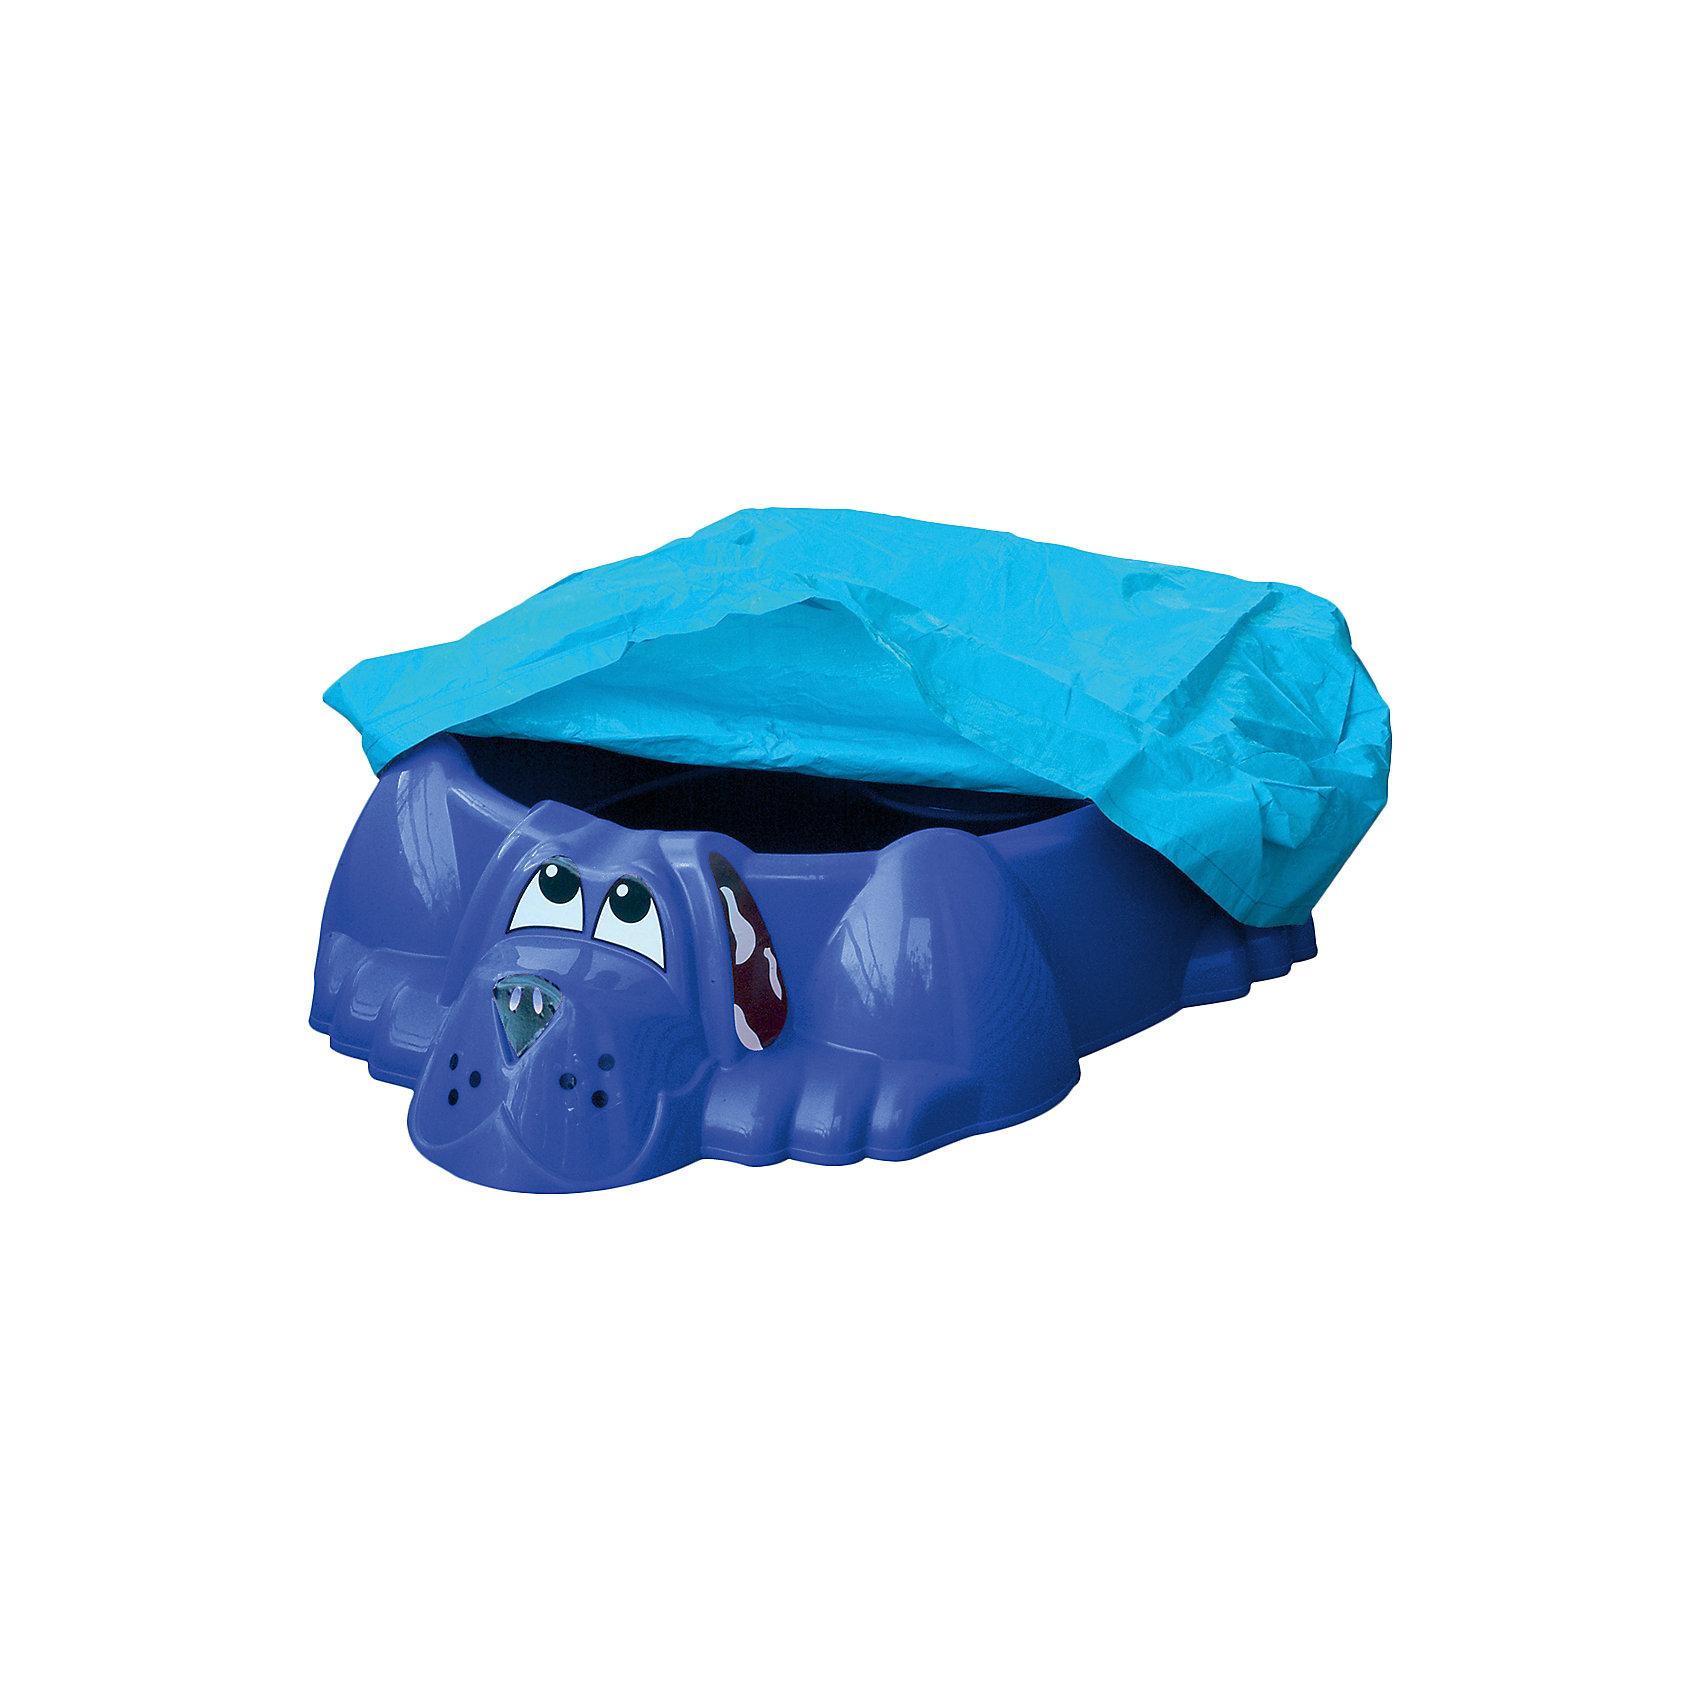 Бассейн-песочница Собачка стентом, синяя, PalPlay